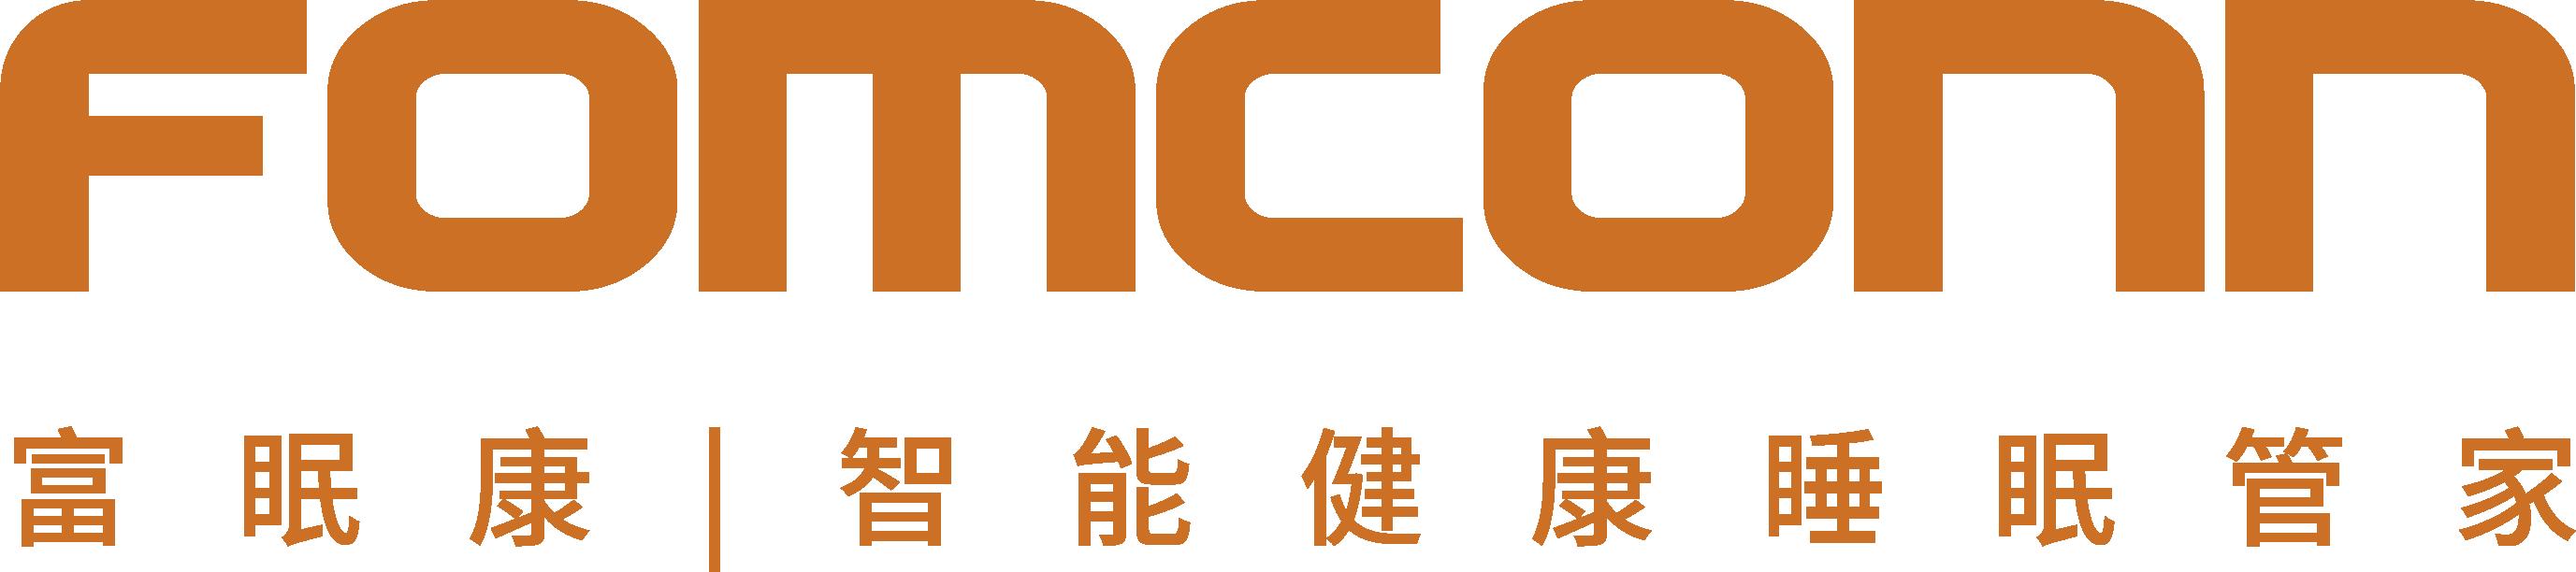 镇江F66永乐安全智能家居有限公司